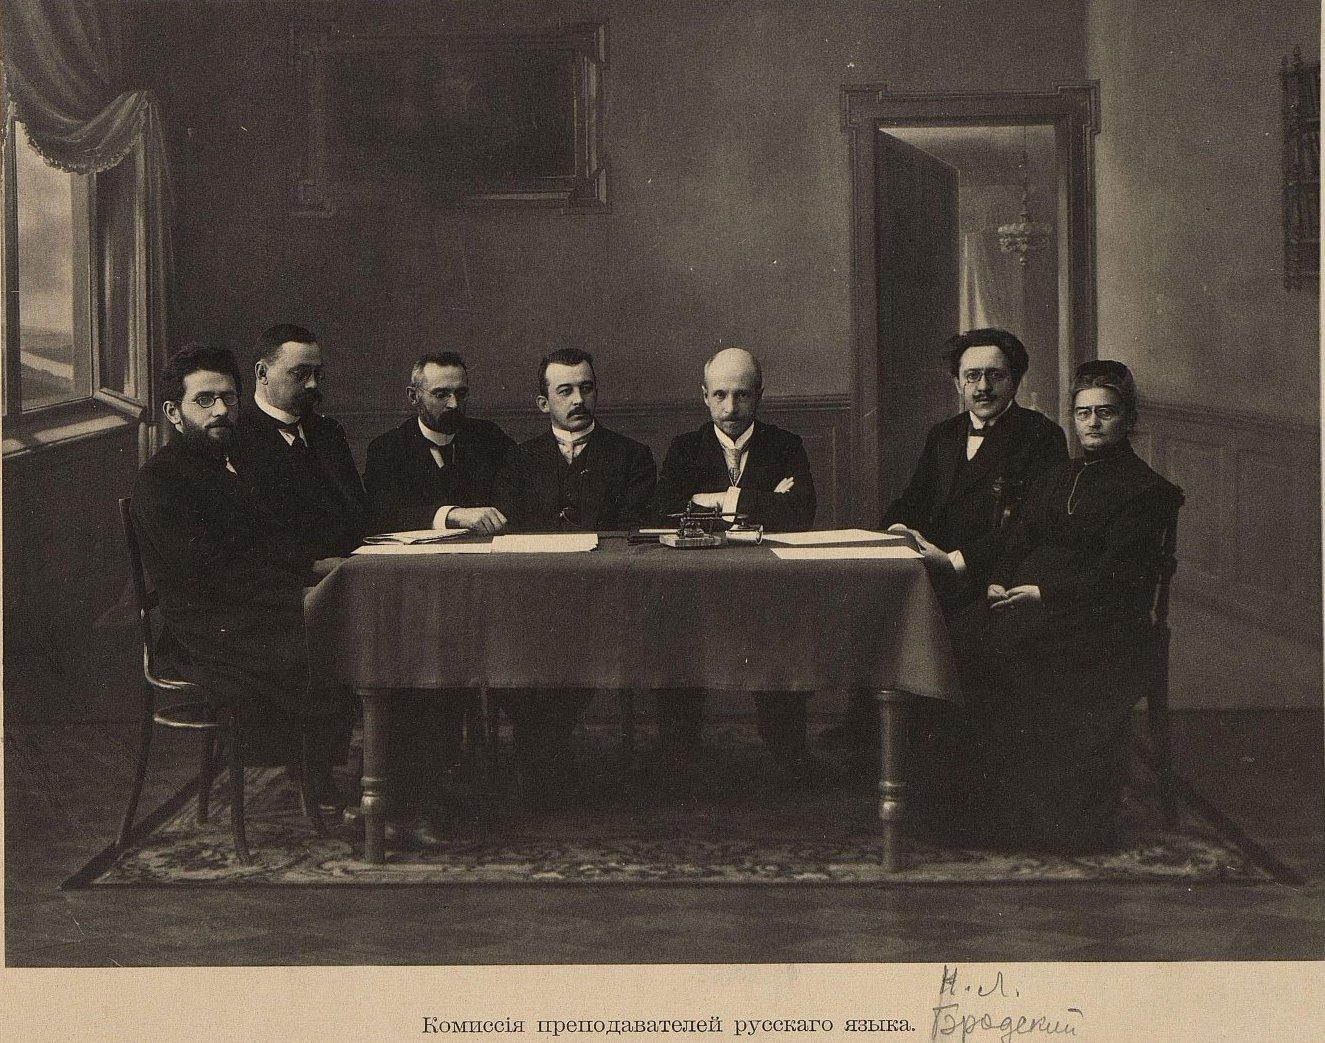 28. Комиссия преподавателей русского языка